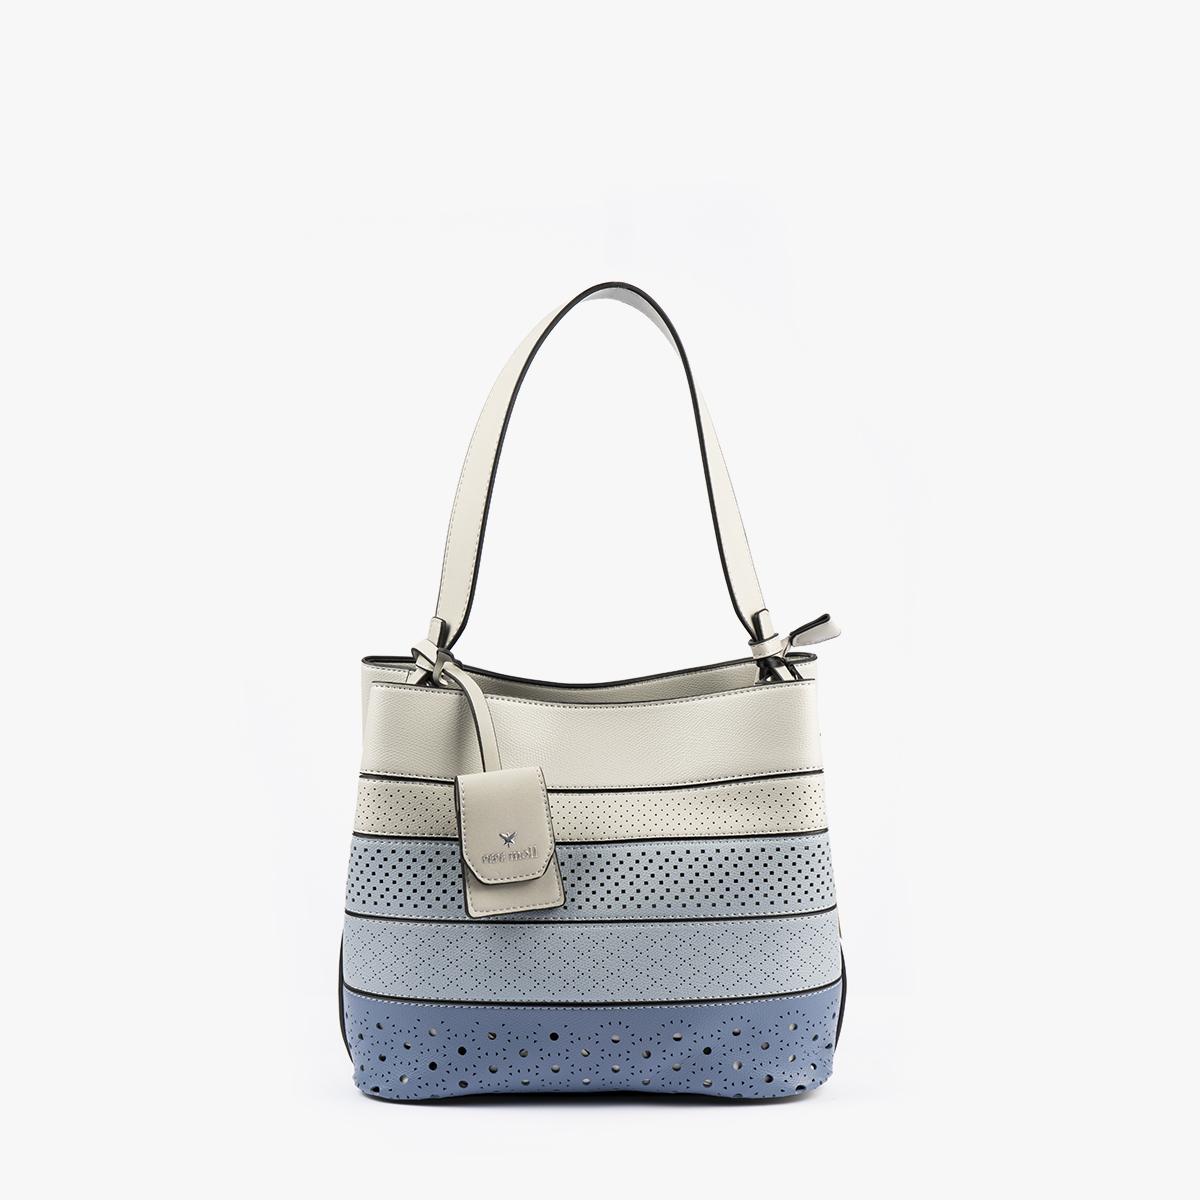 52051 bolso de hombro tricolor azul